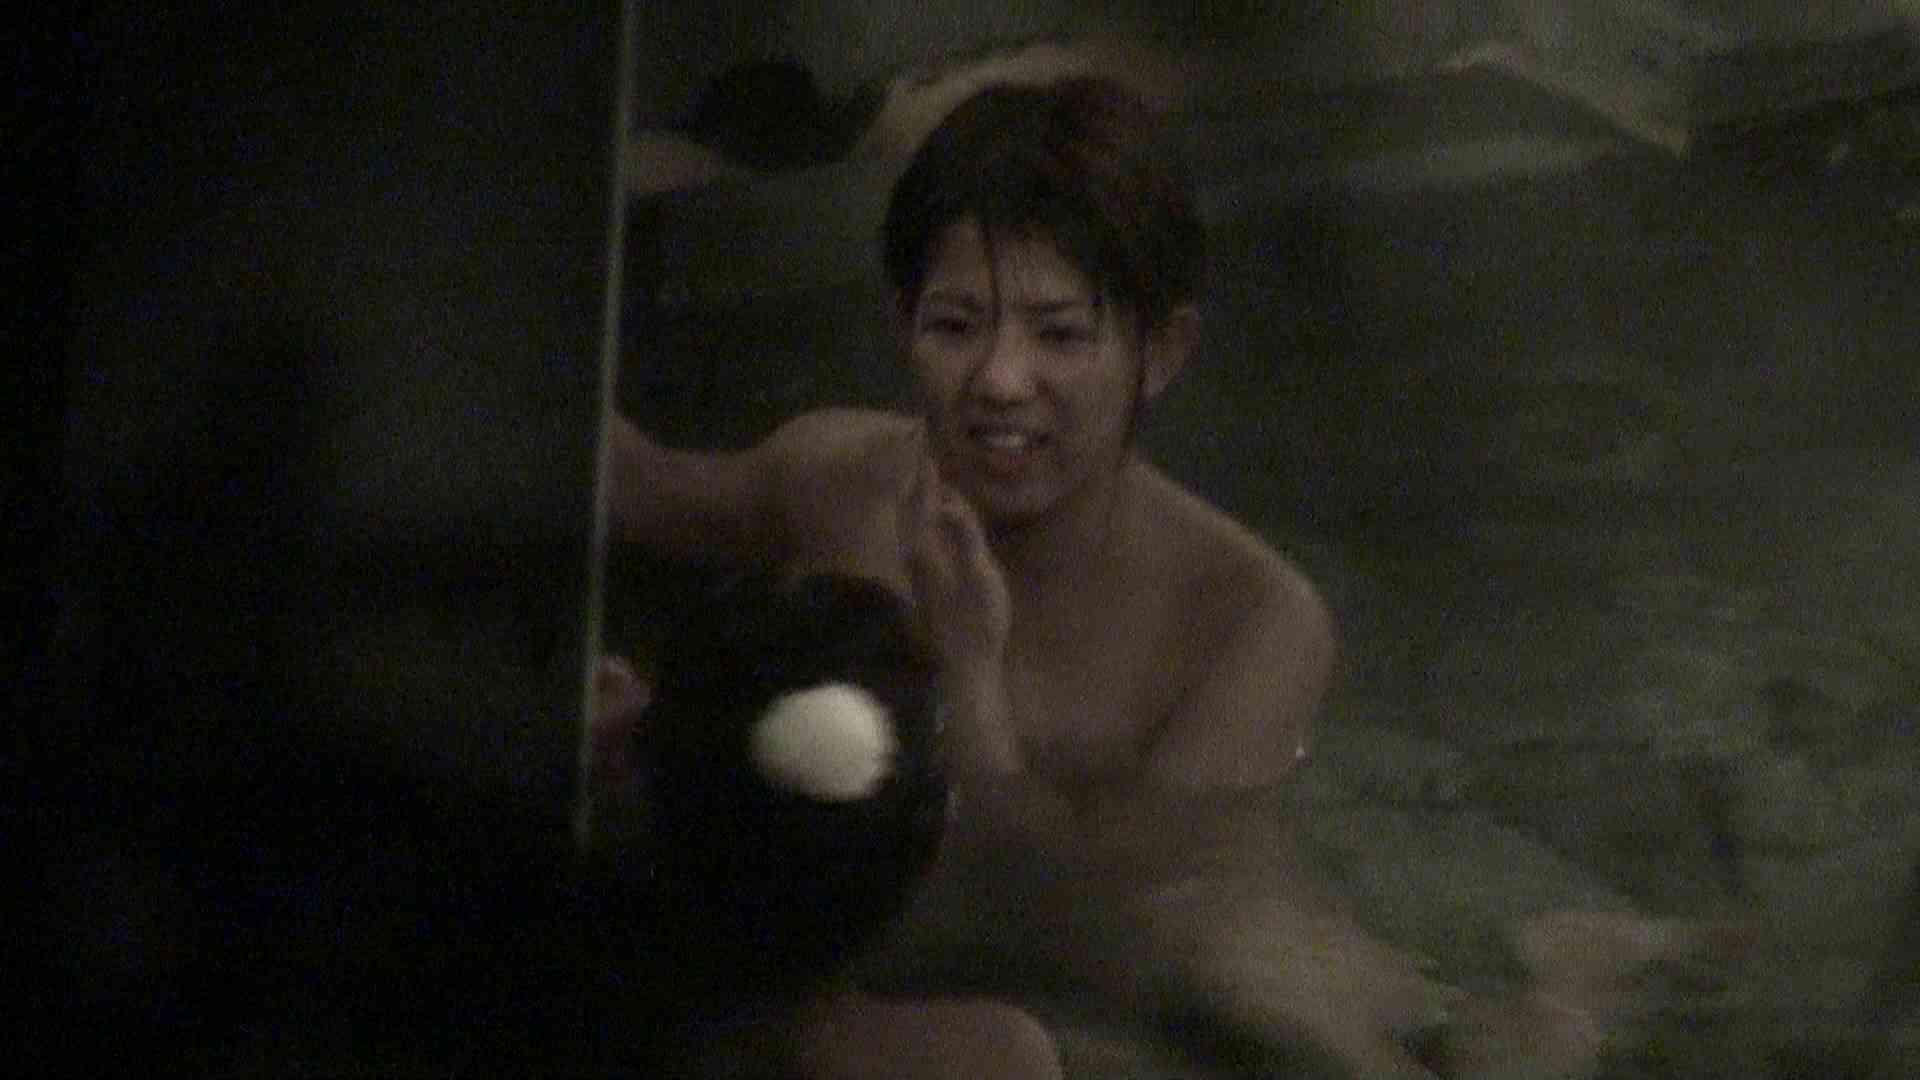 Aquaな露天風呂Vol.417 露天 | 盗撮  54pic 24